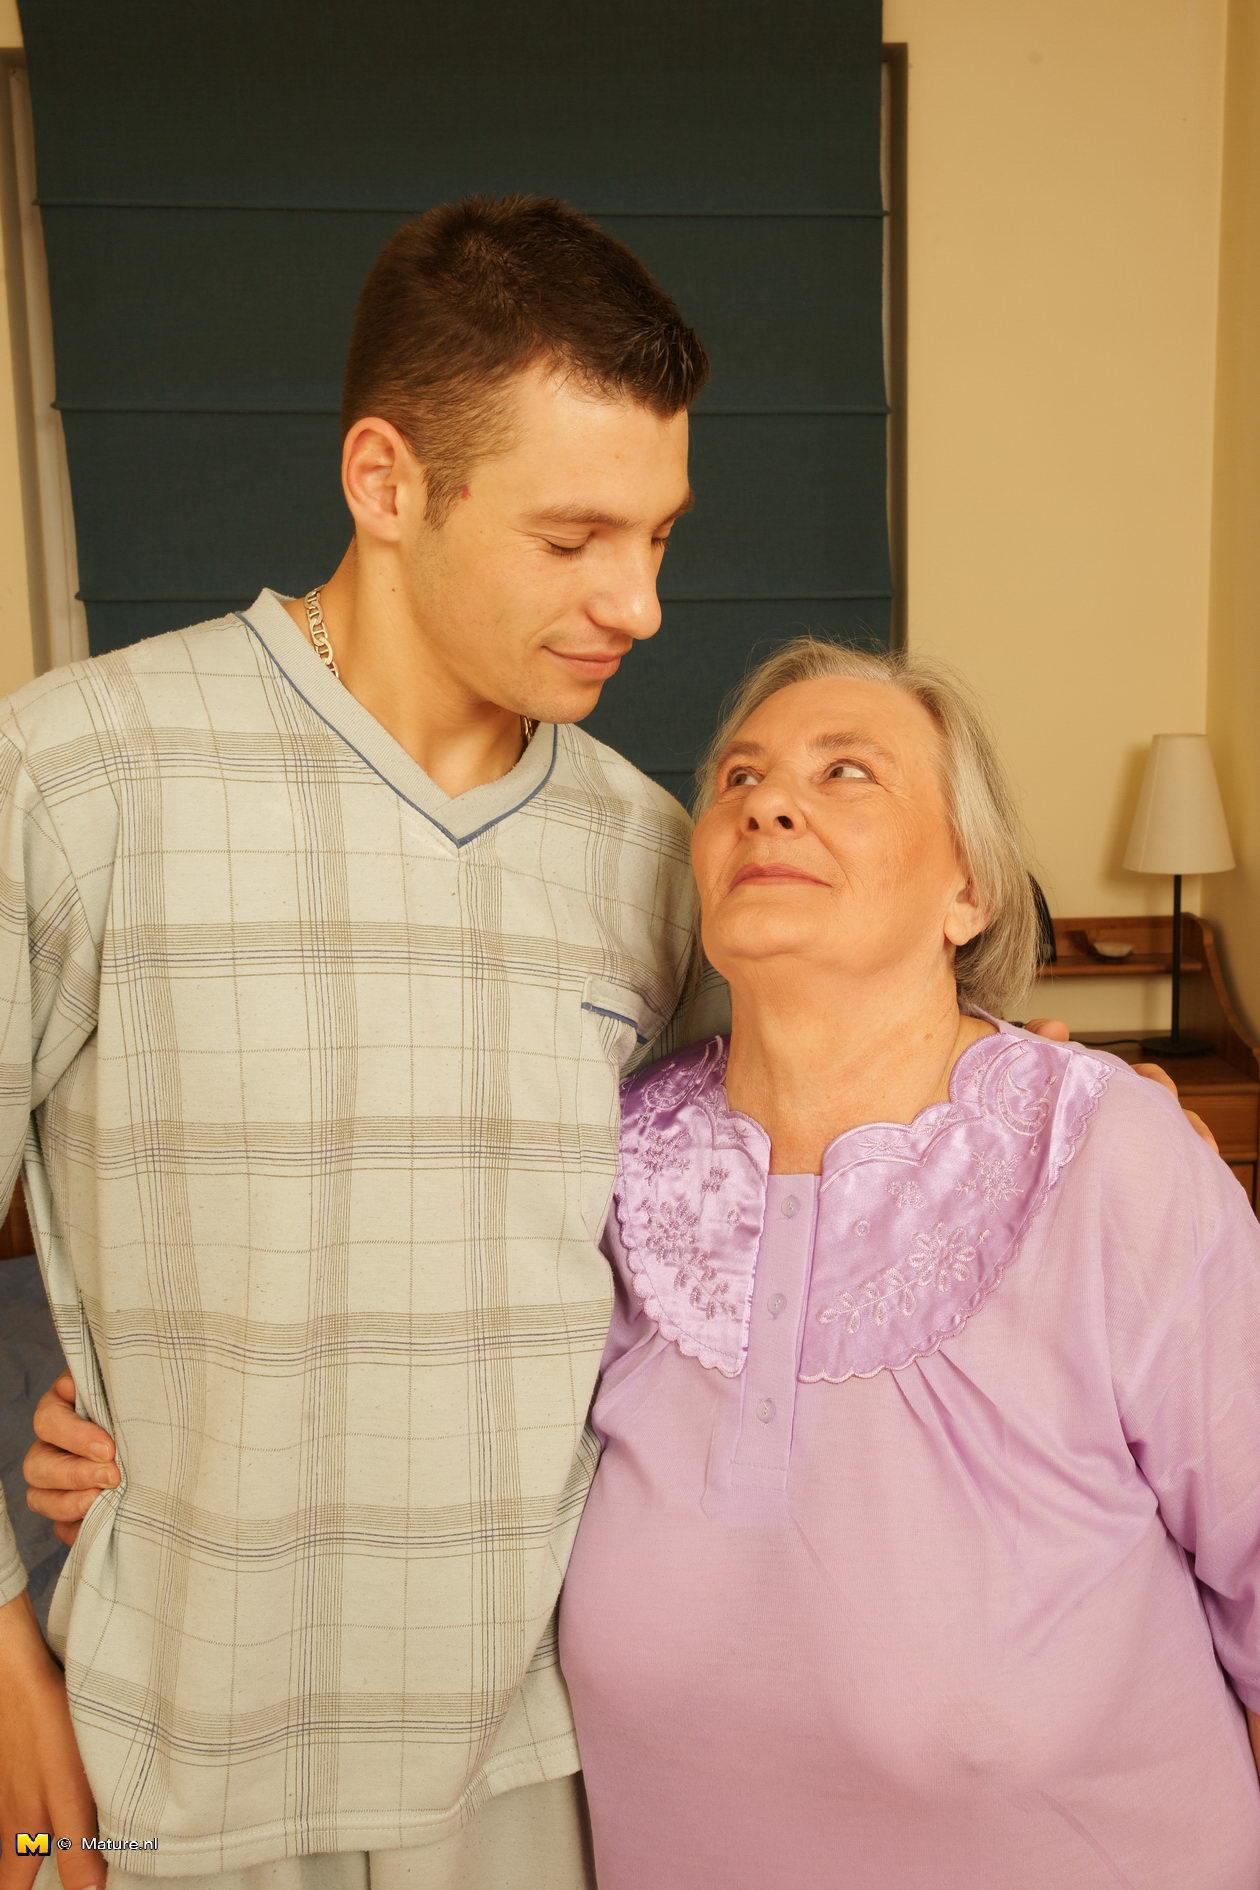 Granny and boy next door-Fucking pics hd